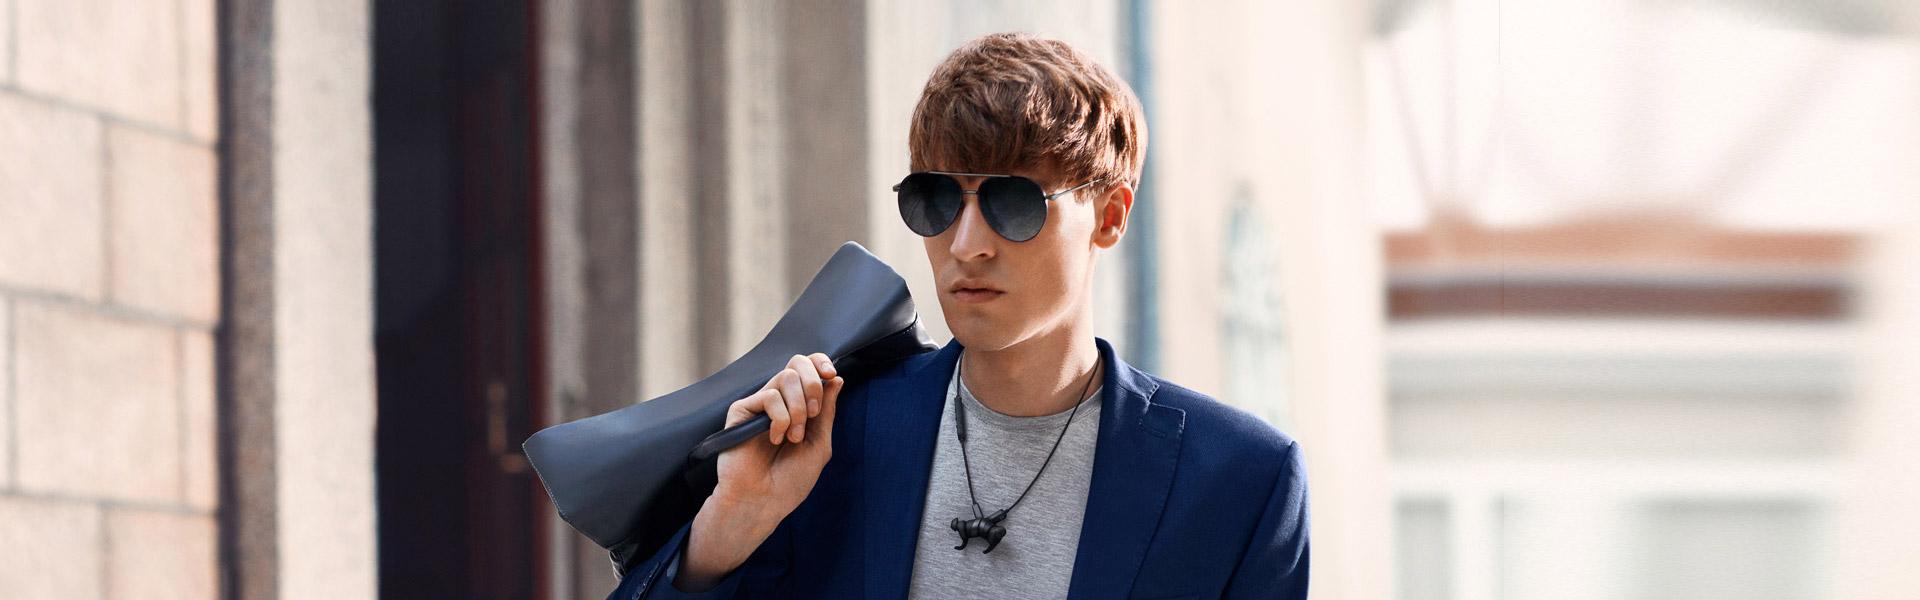 Tai nghe bluetooth Huawei AM61 giá tốt tại Hà Nội